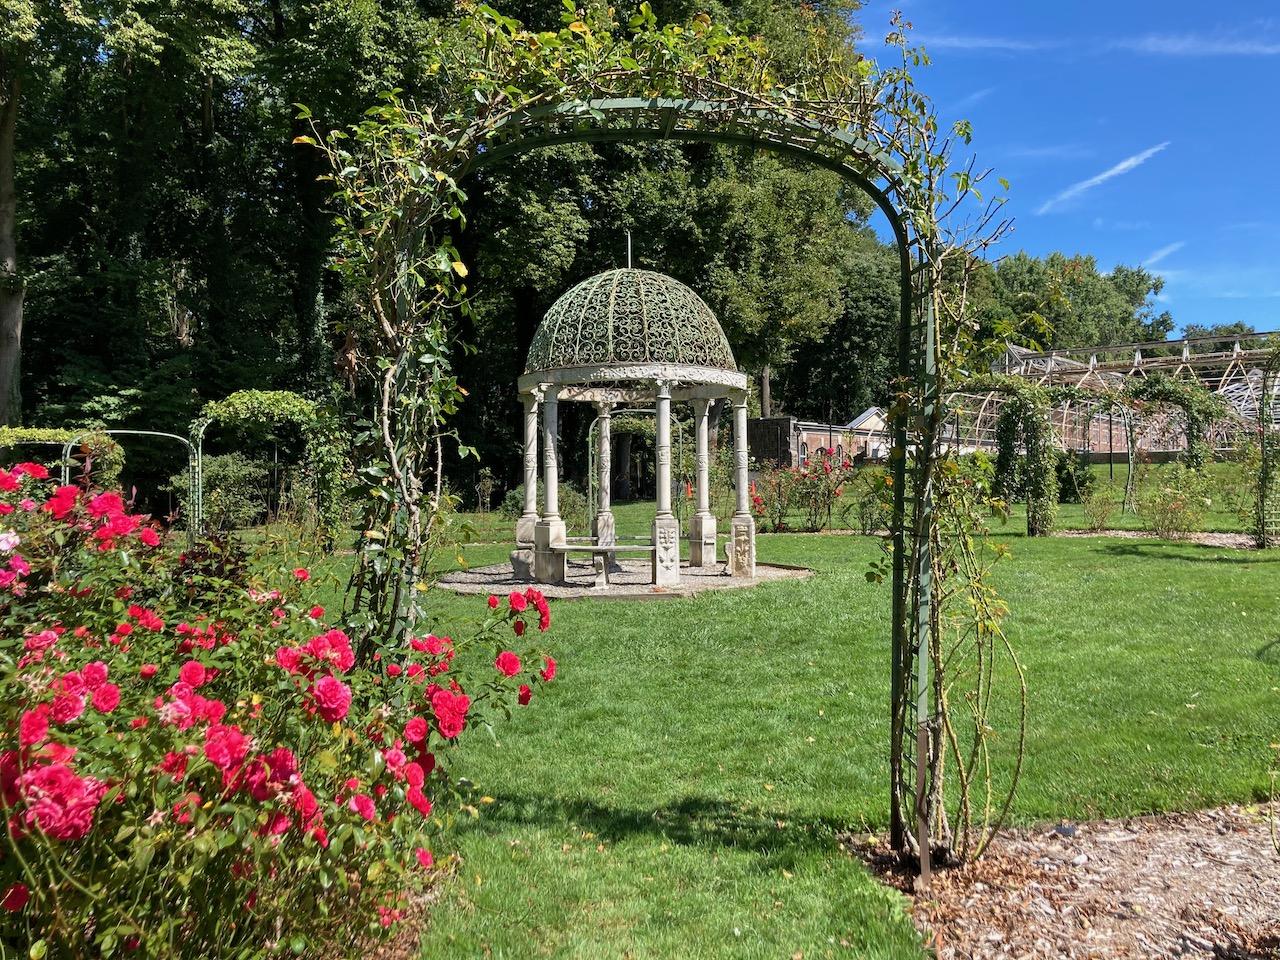 View of Rose Garden through arbor.